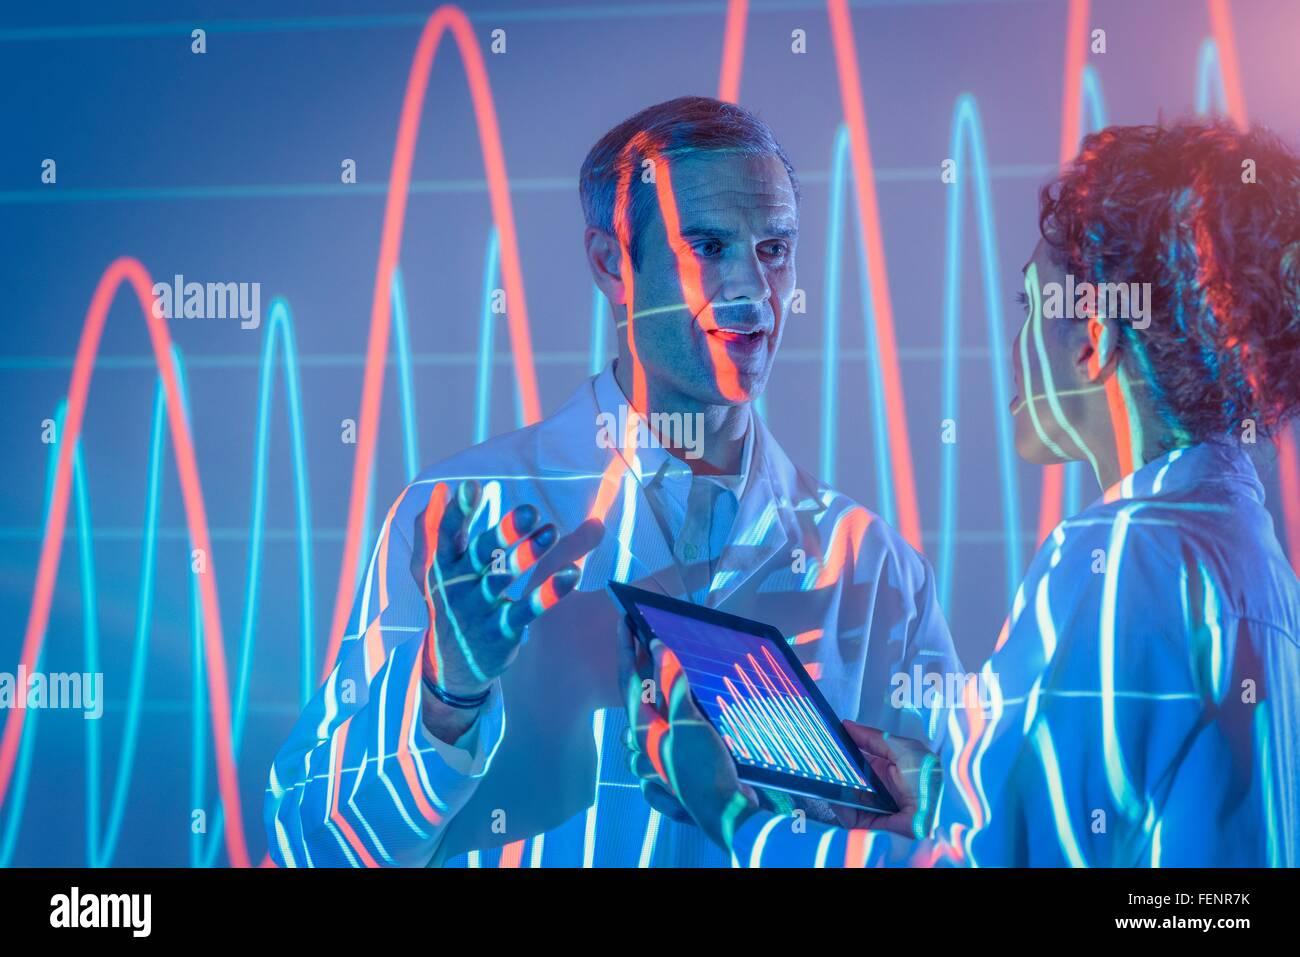 Wissenschaftler im Gespräch mit Grafikdaten Projektion Stockbild